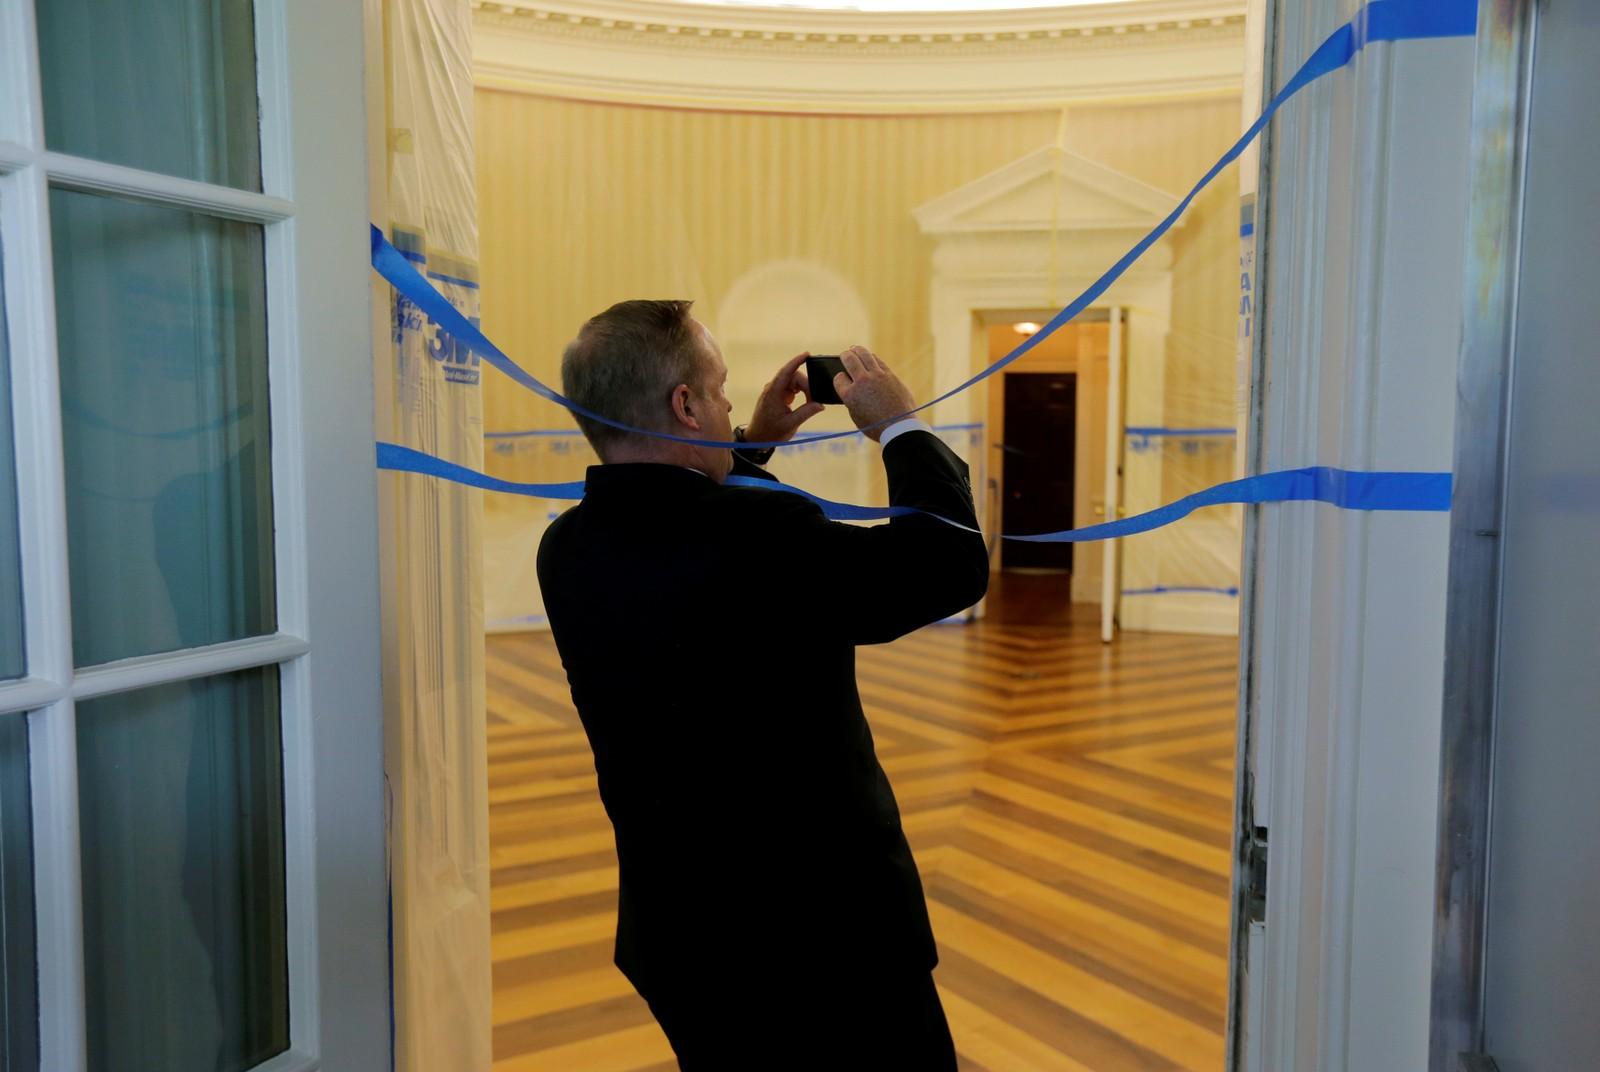 Tidligere pressesekretær i Det hvite hus, Sean Spicer, sikret seg fredag et bilde av Det ovale kontor, som er helt tomt på grunn av oppussing. President Donald Trump er på golfferie i New Jersey mens oppussingen i Washington D.C. pågår.